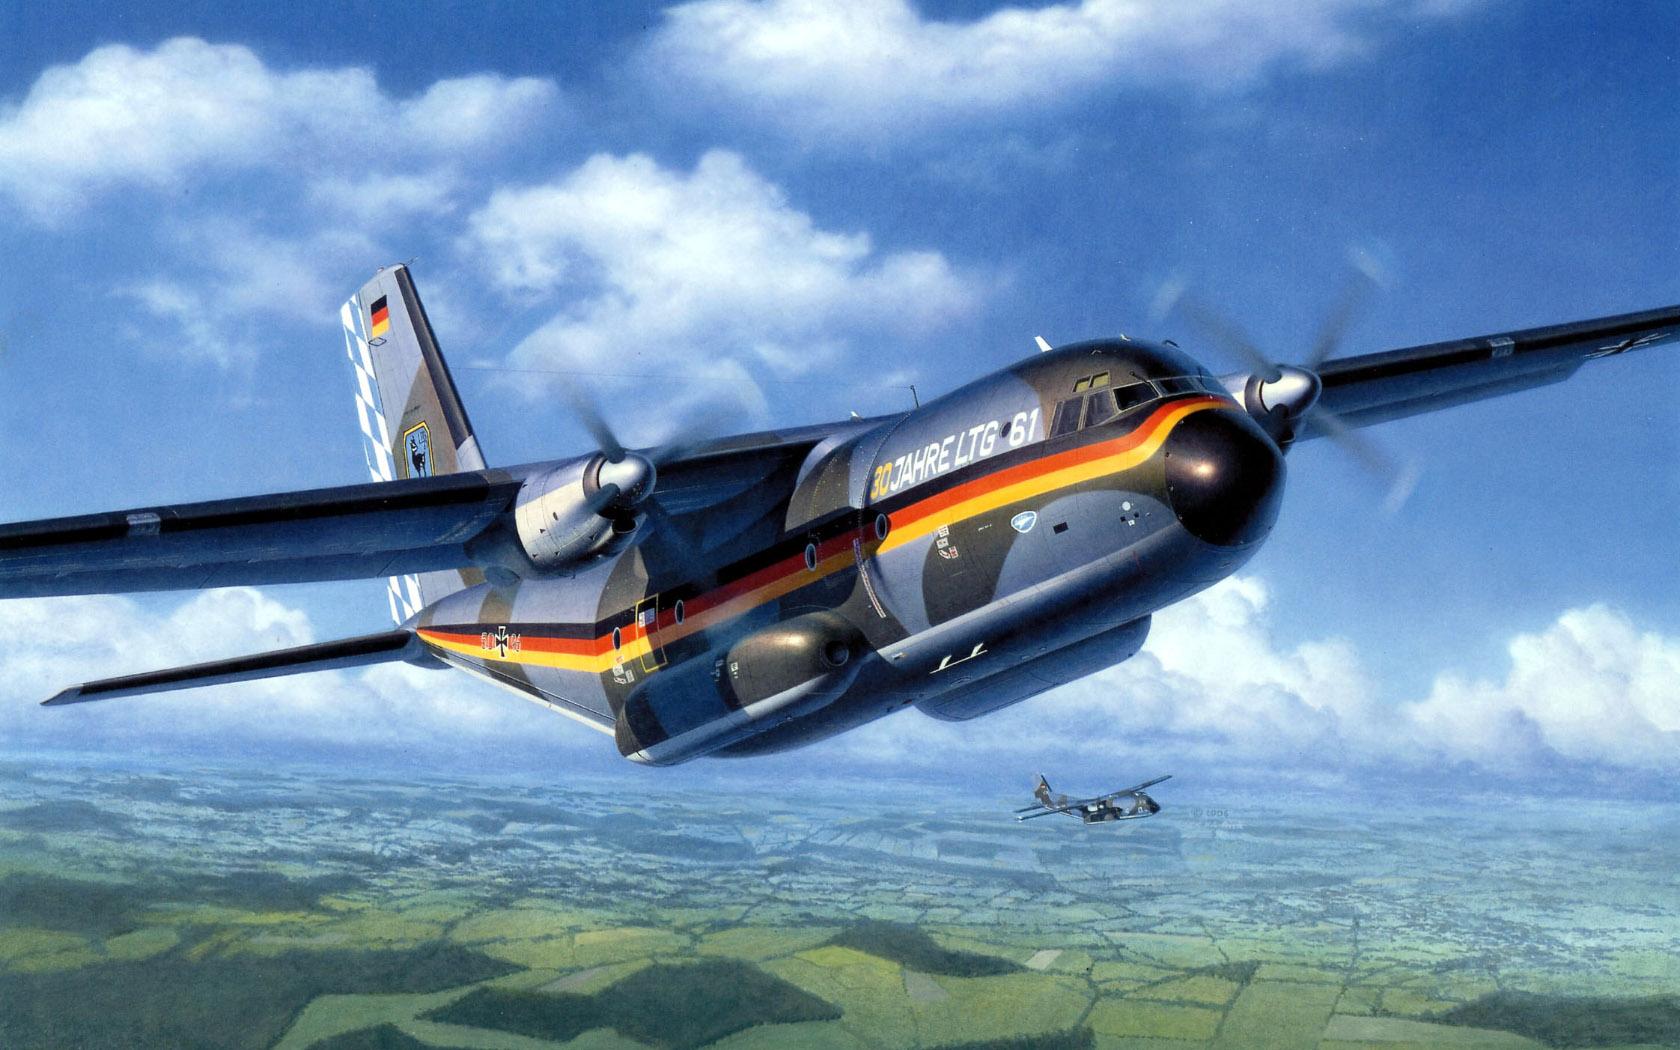 рисунок C-160